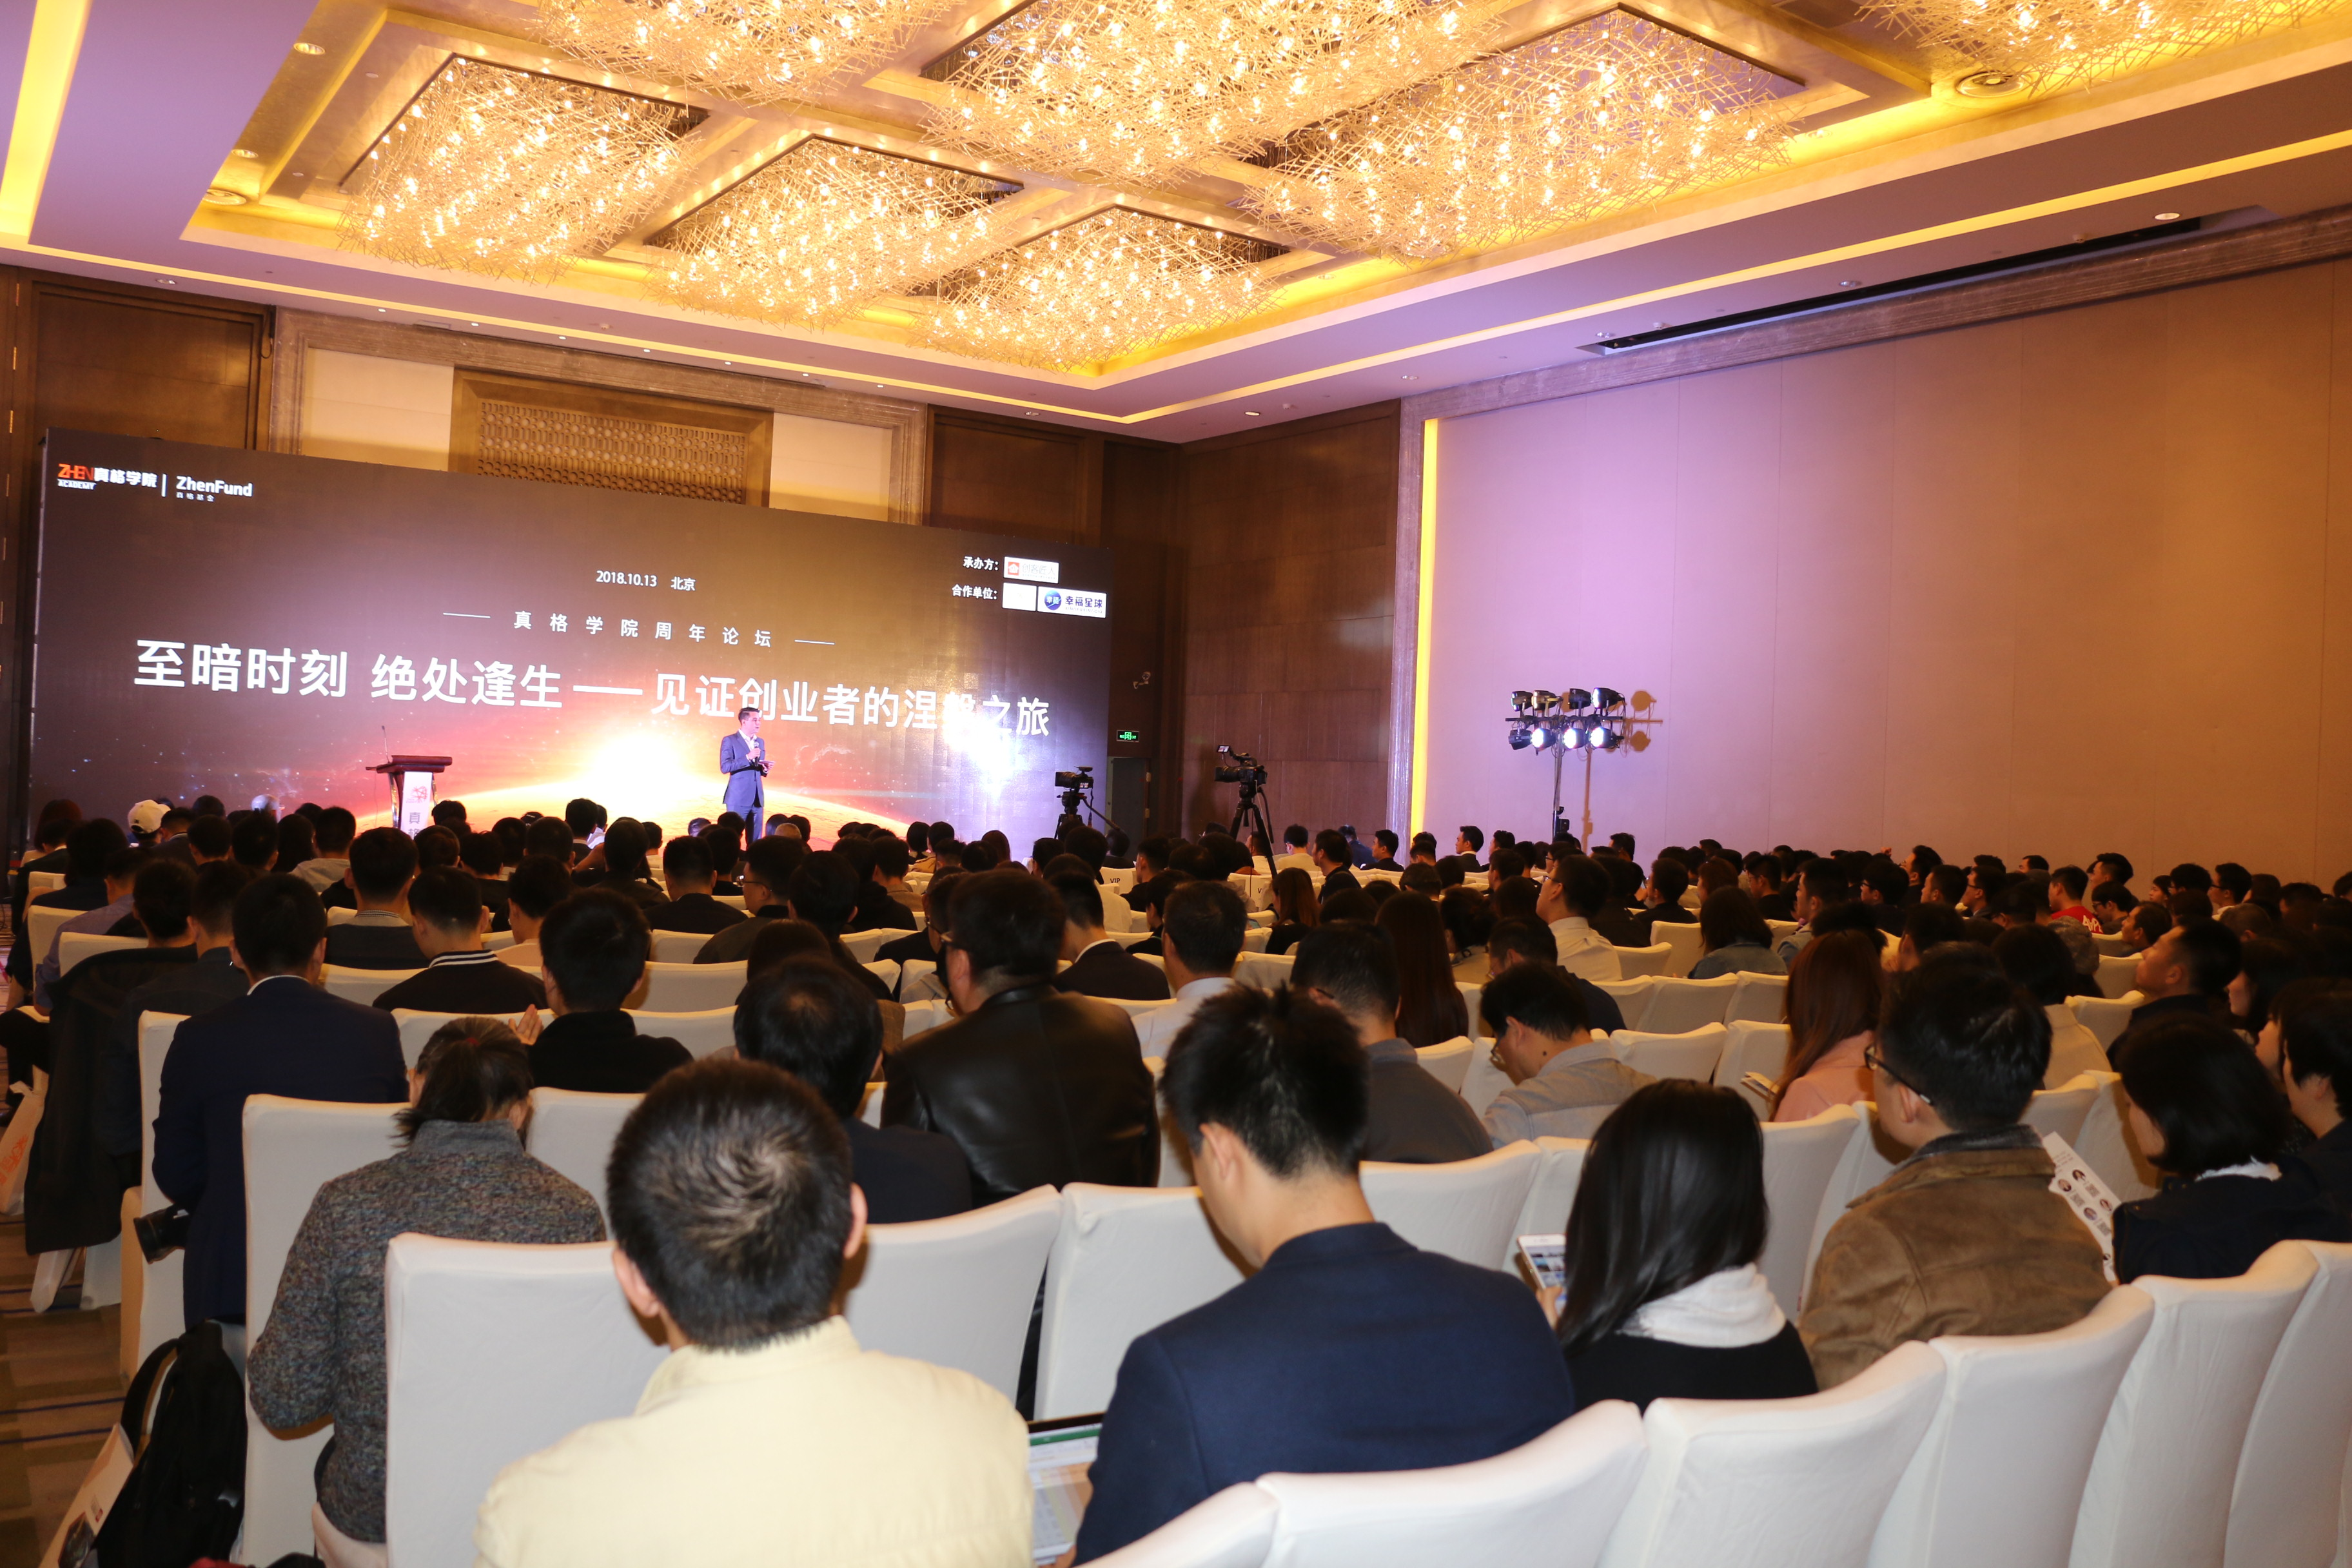 真格学院一周年庆祝活动在北京举行  创客匠人创始人蒋洪波受邀出席会议